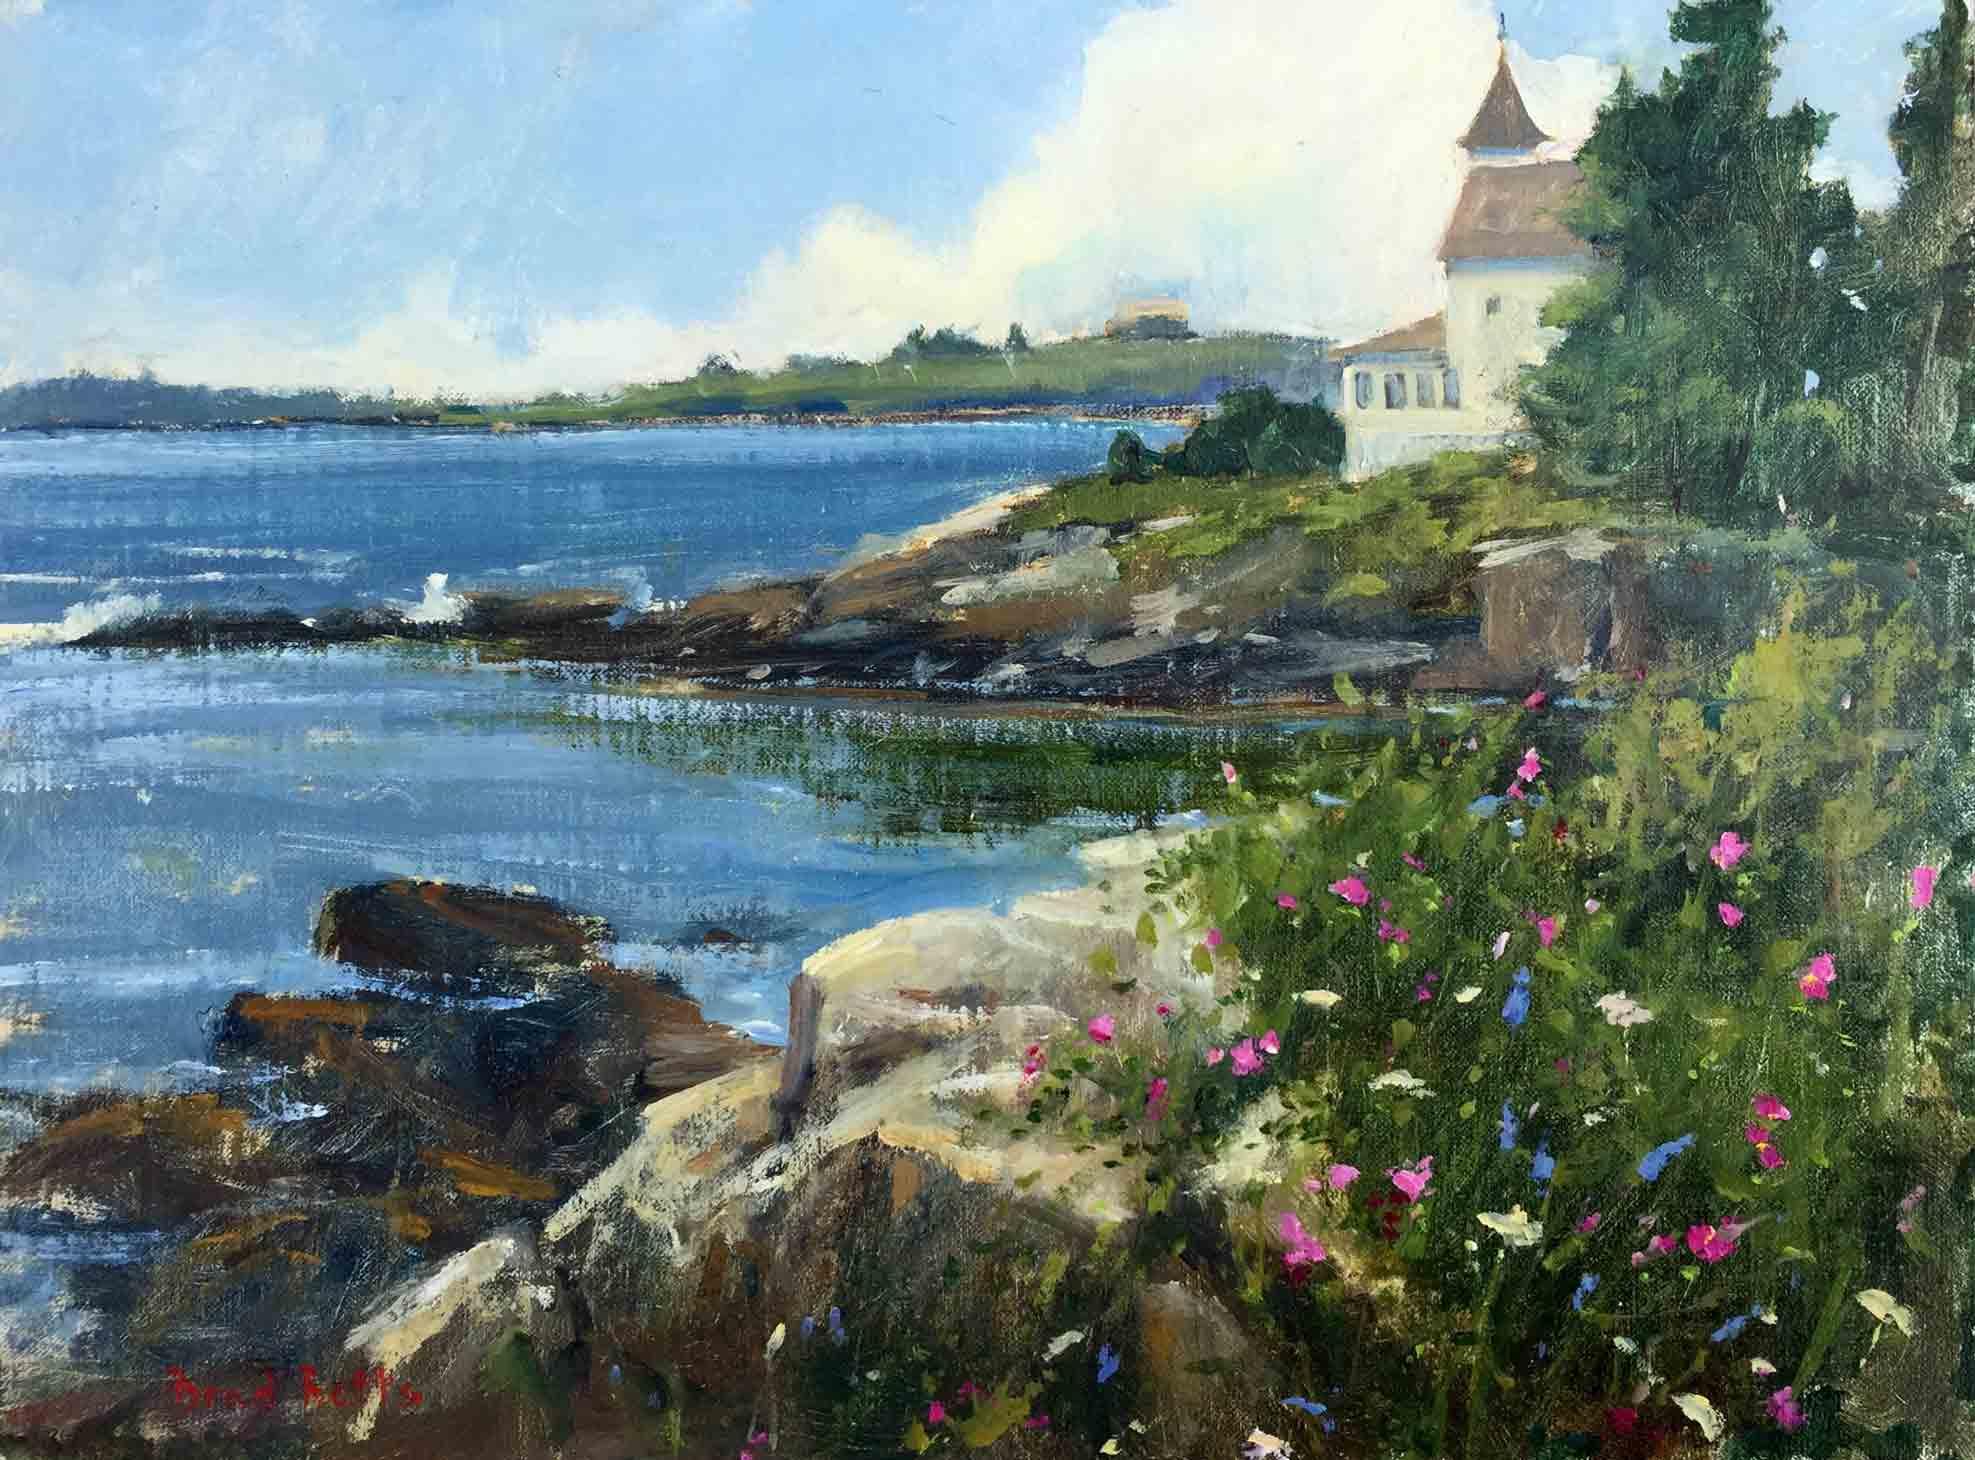 Grimes-Cove-Cottage-9x12_web.jpg